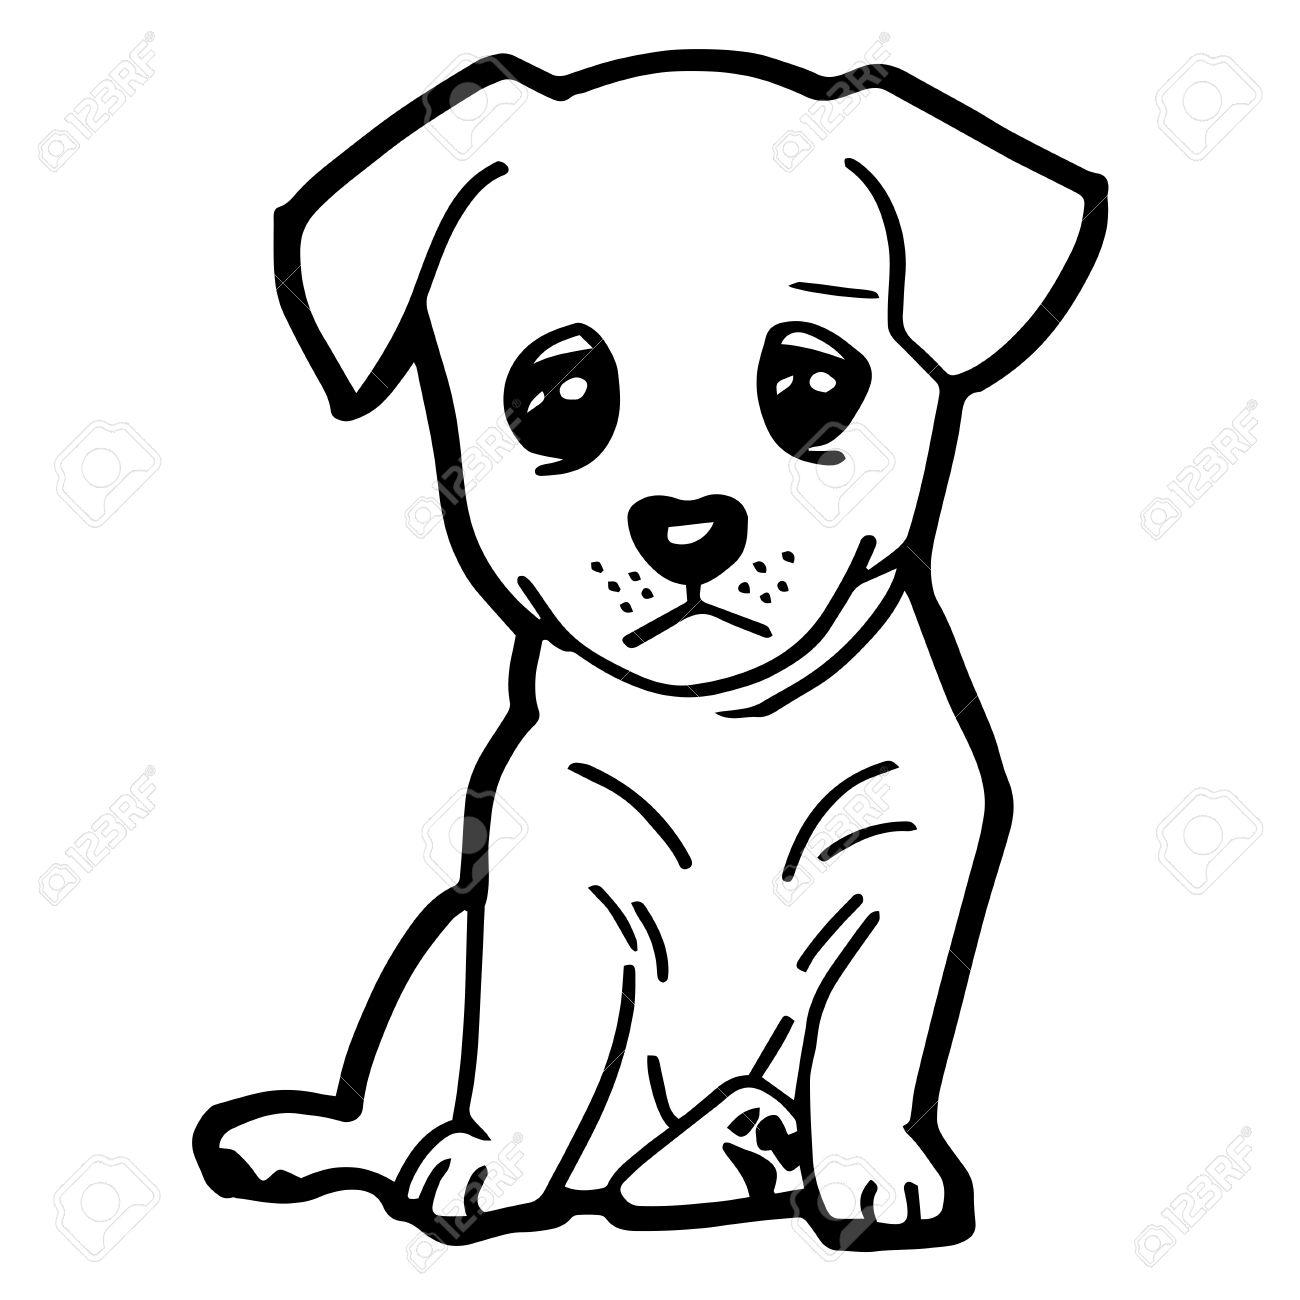 Ilustración De Dibujos Animados De Perro Divertido Para Colorear Libro